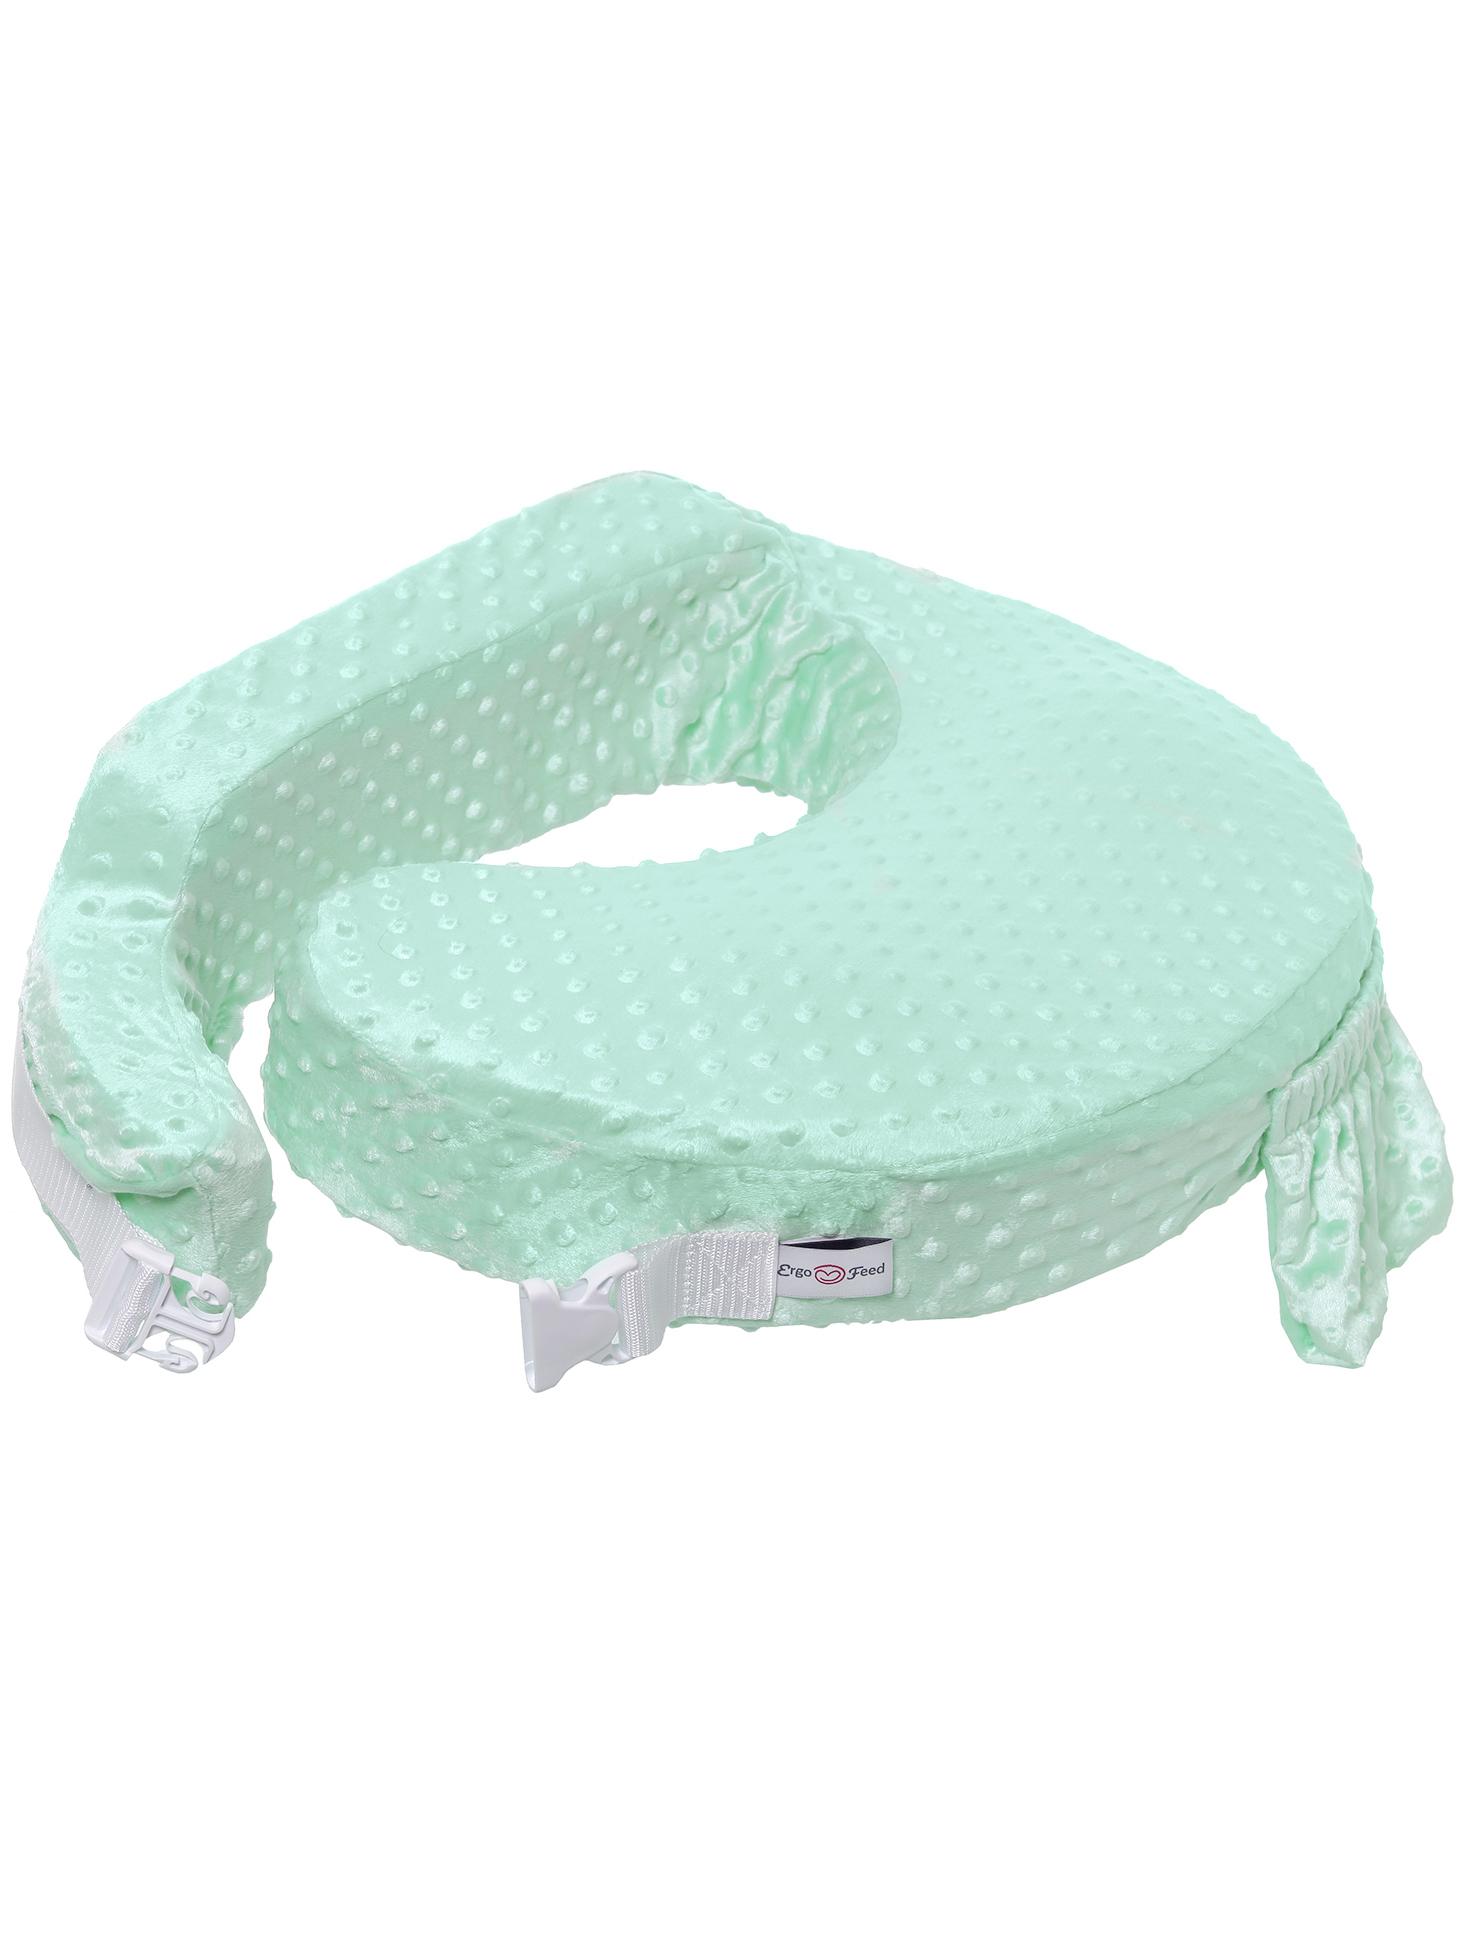 Подушка для кормления эргономичная ErgoFeed Пузырьки, зеленый